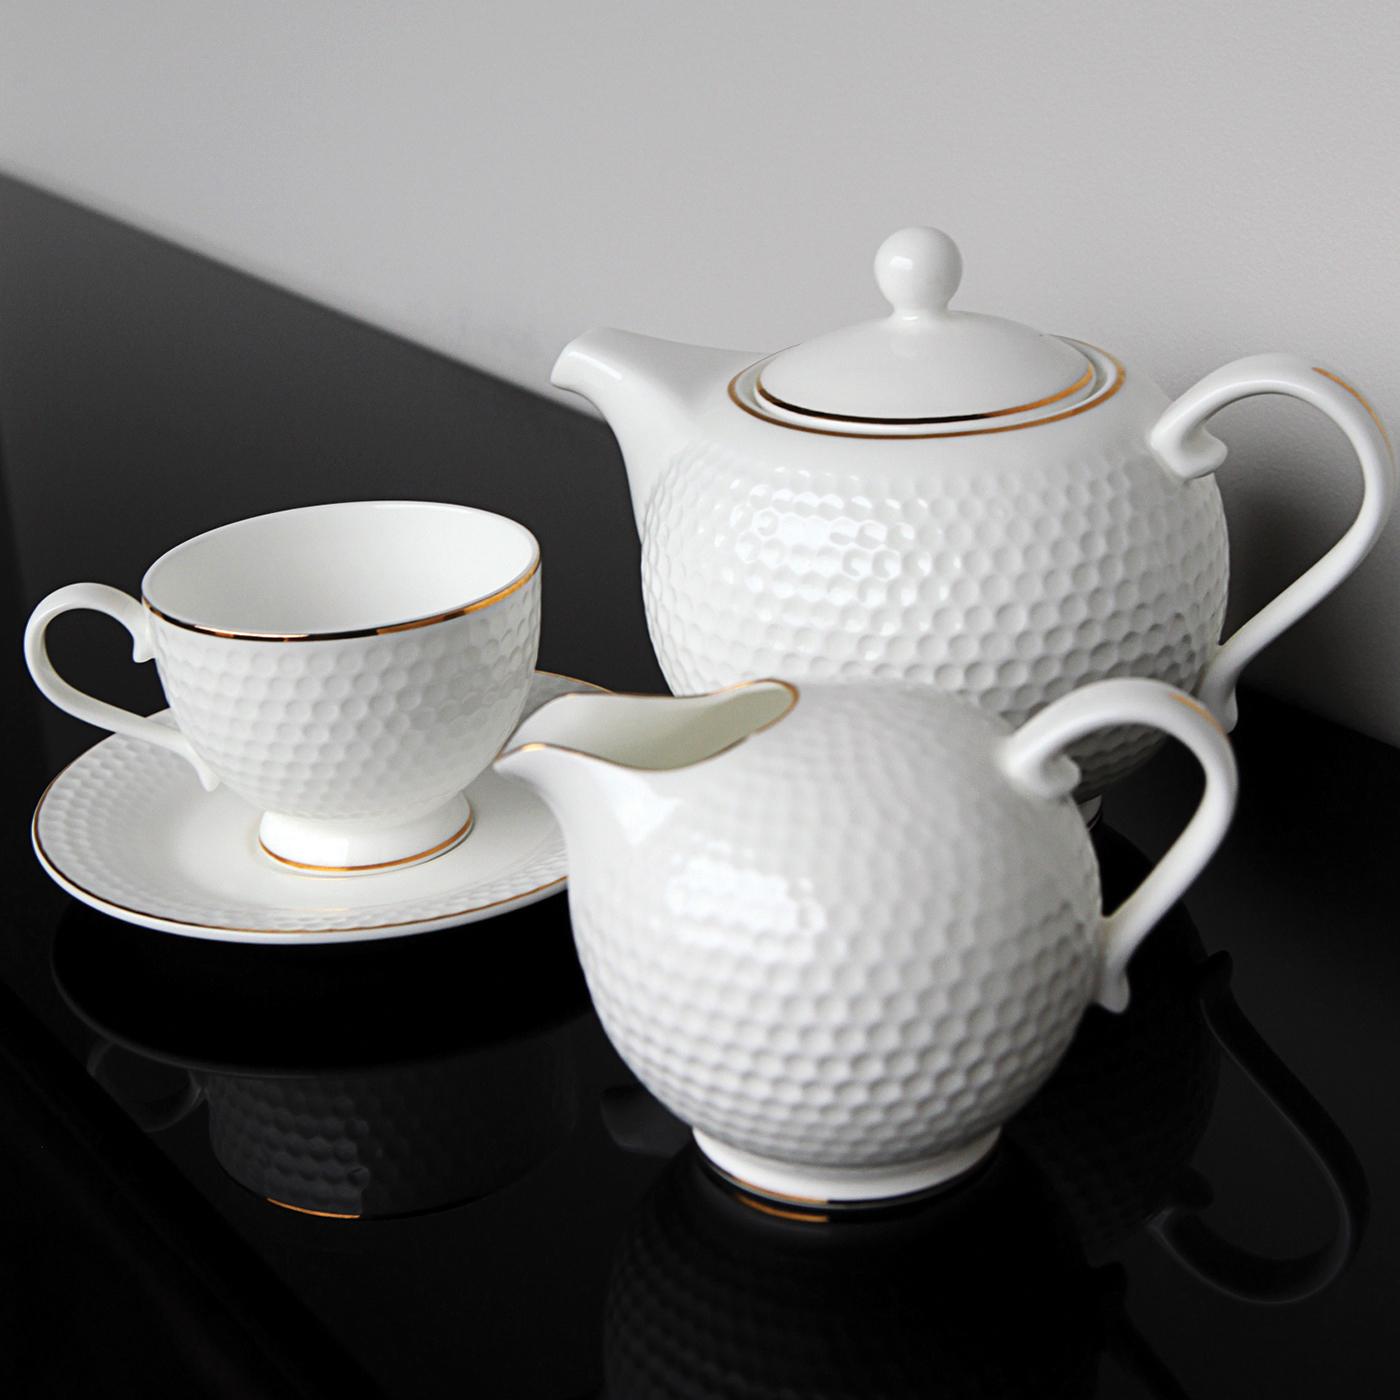 Чайный сервиз Royal Aurel Гольф арт.101, 15 предметовЧайные сервизы<br>Чайныйсервиз Royal Aurel Гольф арт.101, 15предметов<br><br><br><br><br><br><br><br><br><br><br><br>Чашка 200 мл,6 шт.<br>Блюдце 14 см,6 шт.<br>Чайник 850 мл<br>Сахарница 270 мл<br><br><br><br><br><br><br><br><br>Молочник 300 мл<br><br><br><br><br><br><br><br><br>Производить посуду из фарфора начали в Китае на стыке 6-7 веков. Неустанно совершенствуя и селективно отбирая сырье для производства посуды из фарфора, мастерам удалось добиться выдающихся характеристик фарфора: белизны и тонкостенности. В XV веке появился особый интерес к китайской фарфоровой посуде, так как в это время Европе возникла мода на самобытные китайские вещи. Роскошный китайский фарфор являлся изыском и был в новинку, поэтому он выступал в качестве подарка королям, а также знатным людям. Такой дорогой подарок был очень престижен и по праву являлся элитной посудой. Как известно из многочисленных исторических документов, в Европе китайские изделия из фарфора ценились практически как золото. <br>Проверка изделий из костяного фарфора на подлинность <br>По сравнению с производством других видов фарфора процесс производства изделий из настоящего костяного фарфора сложен и весьма длителен. Посуда из изящного фарфора - это элитная посуда, которая всегда ассоциируется с богатством, величием и благородством. Несмотря на небольшую толщину, фарфоровая посуда - это очень прочное изделие. Для демонстрации плотности и прочности фарфора можно легко коснуться предметов посуды из фарфора деревянной палочкой, и тогда мы услушим характерный металлический звон. В составе фарфоровой посуды присутствует костяная зола, благодаря чему она может быть намного тоньше (не более 2,5 мм) и легче твердого или мягкого фарфора. Безупречная белизна - ключевой признак отличия такого фарфора от других. Цвет обычного фарфора сероватый или ближе к голубоватому, а костяной фарфор будет всегда будет молочно-белого цвета. Характерная и немаловажная деталь - это невесо